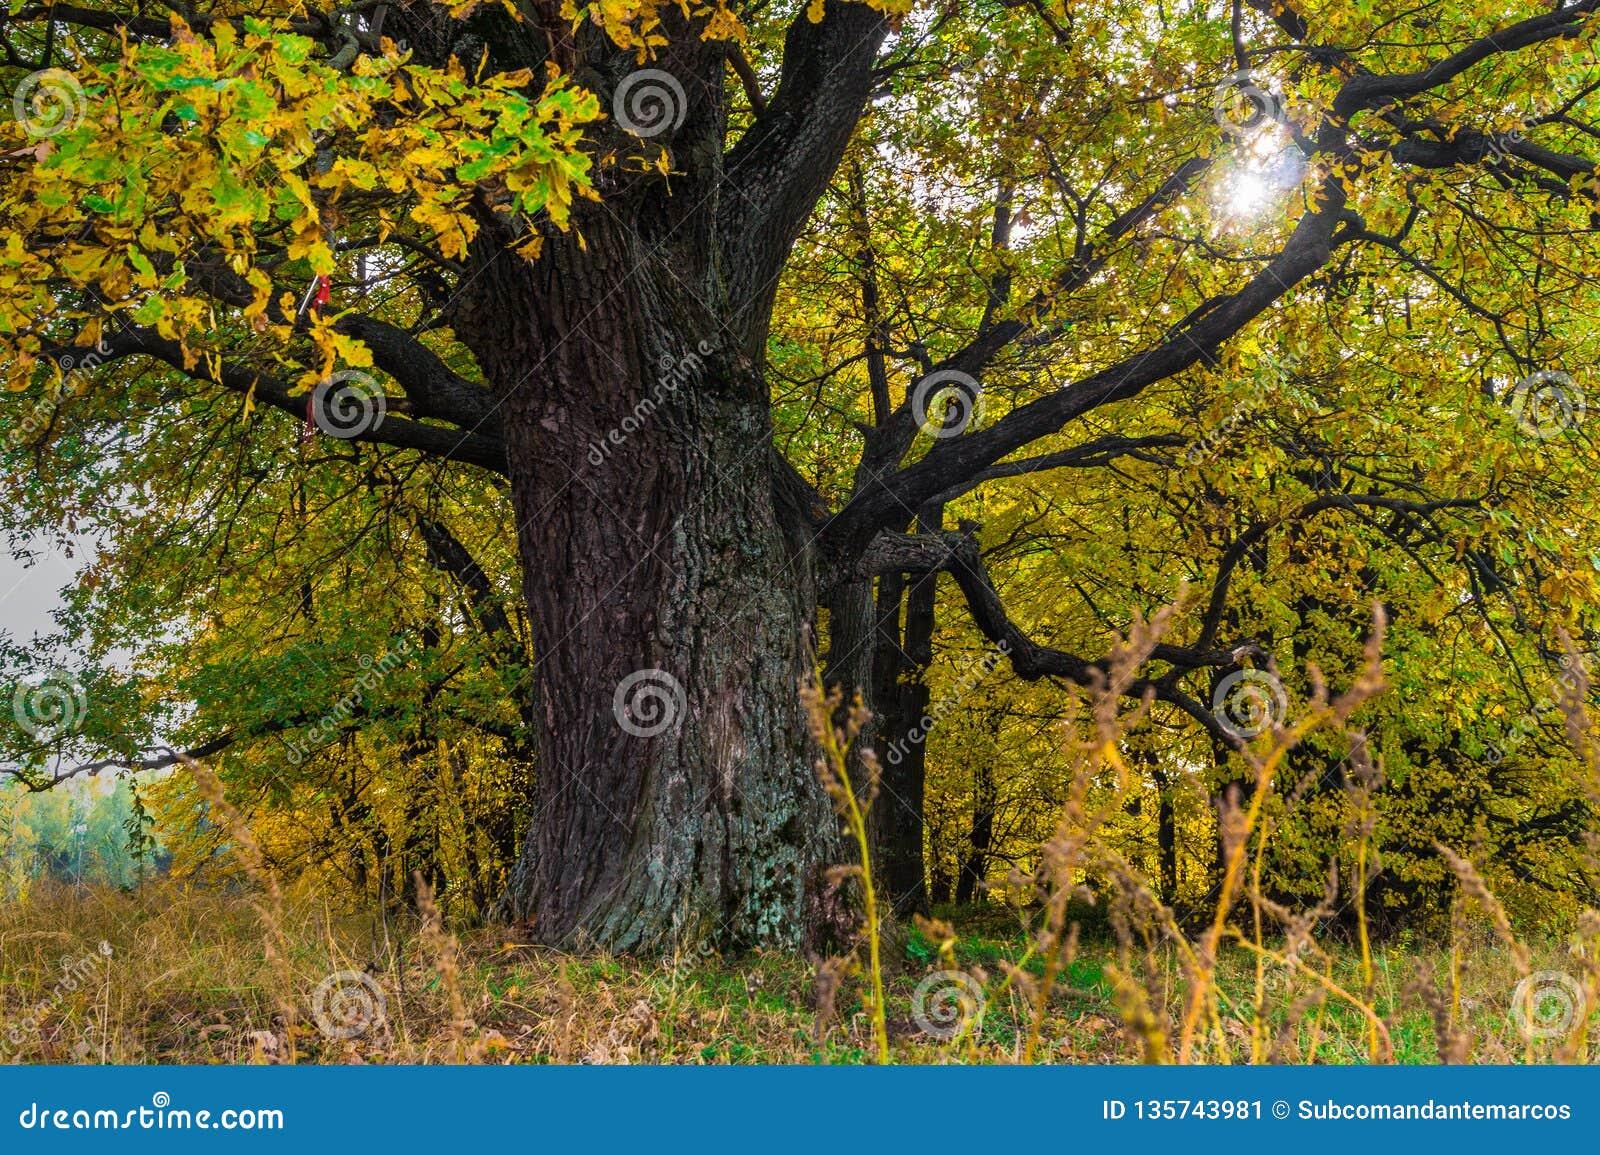 Możny stary antyczny dąb, stoi samotnie na krawędzi relikwia dębu gaju Złota jesień, luksusowy żółty ulistnienie